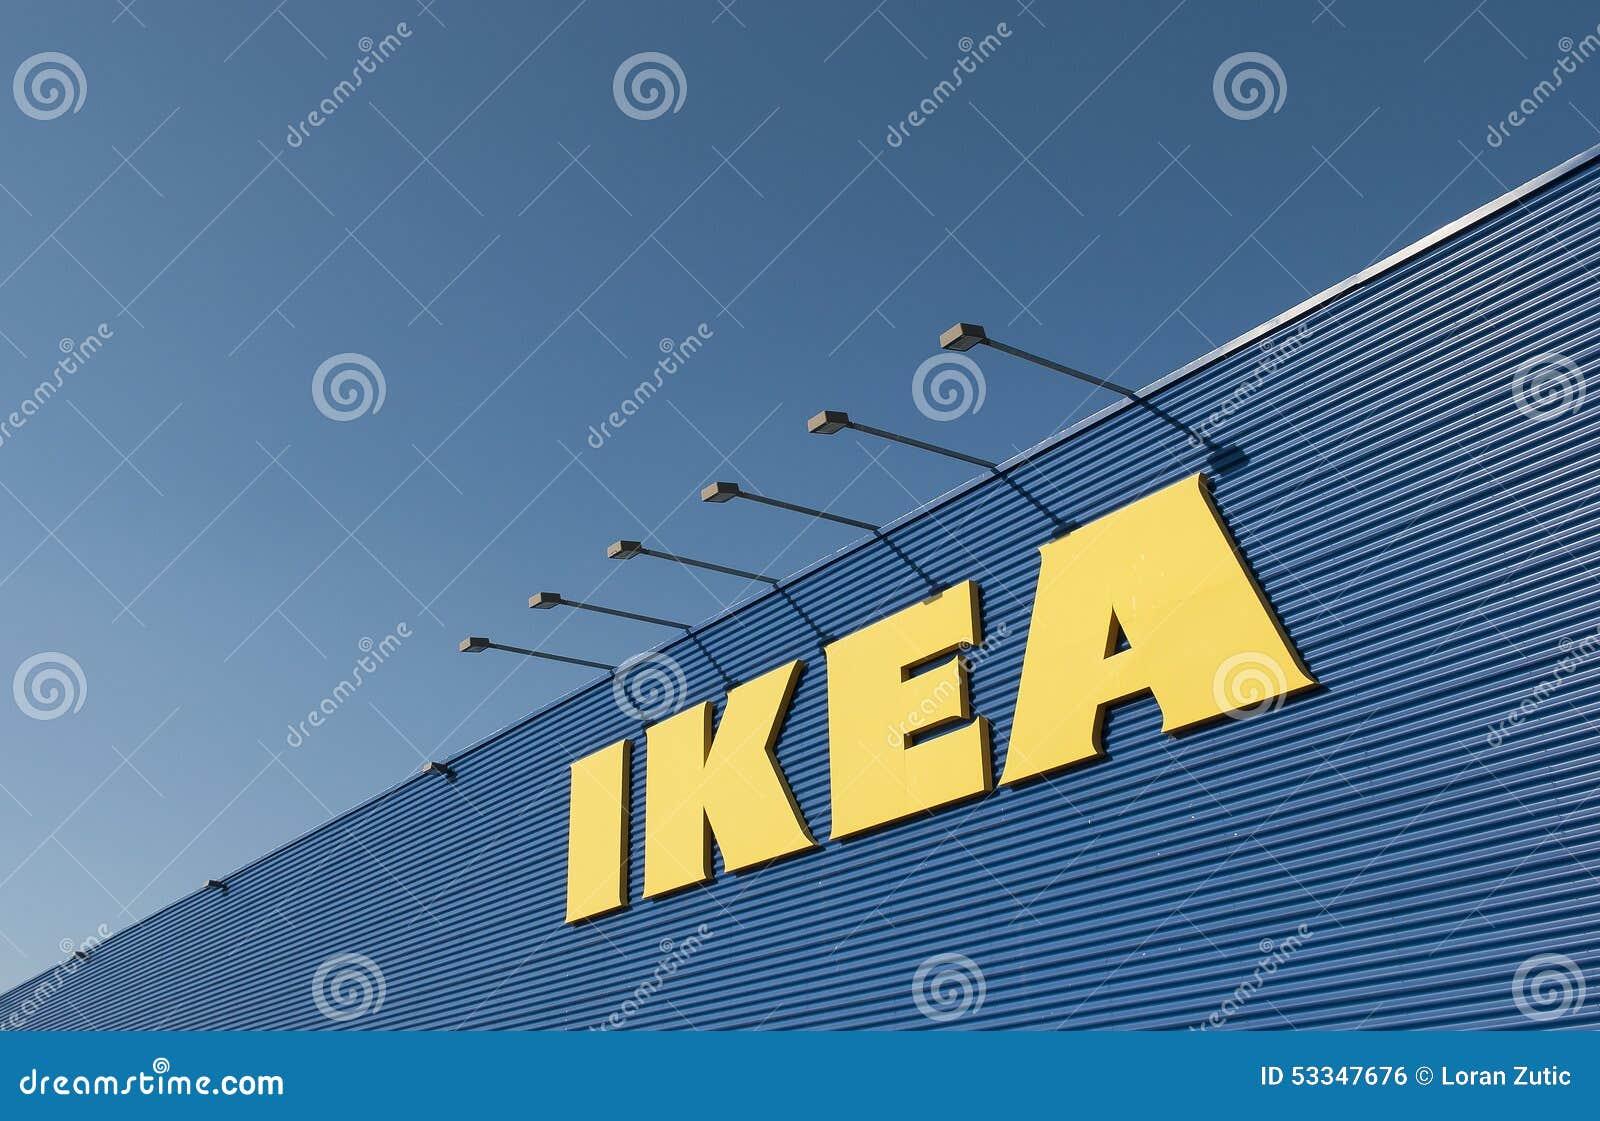 Ikea teken op ikea markt redactionele foto   afbeelding: 53347676